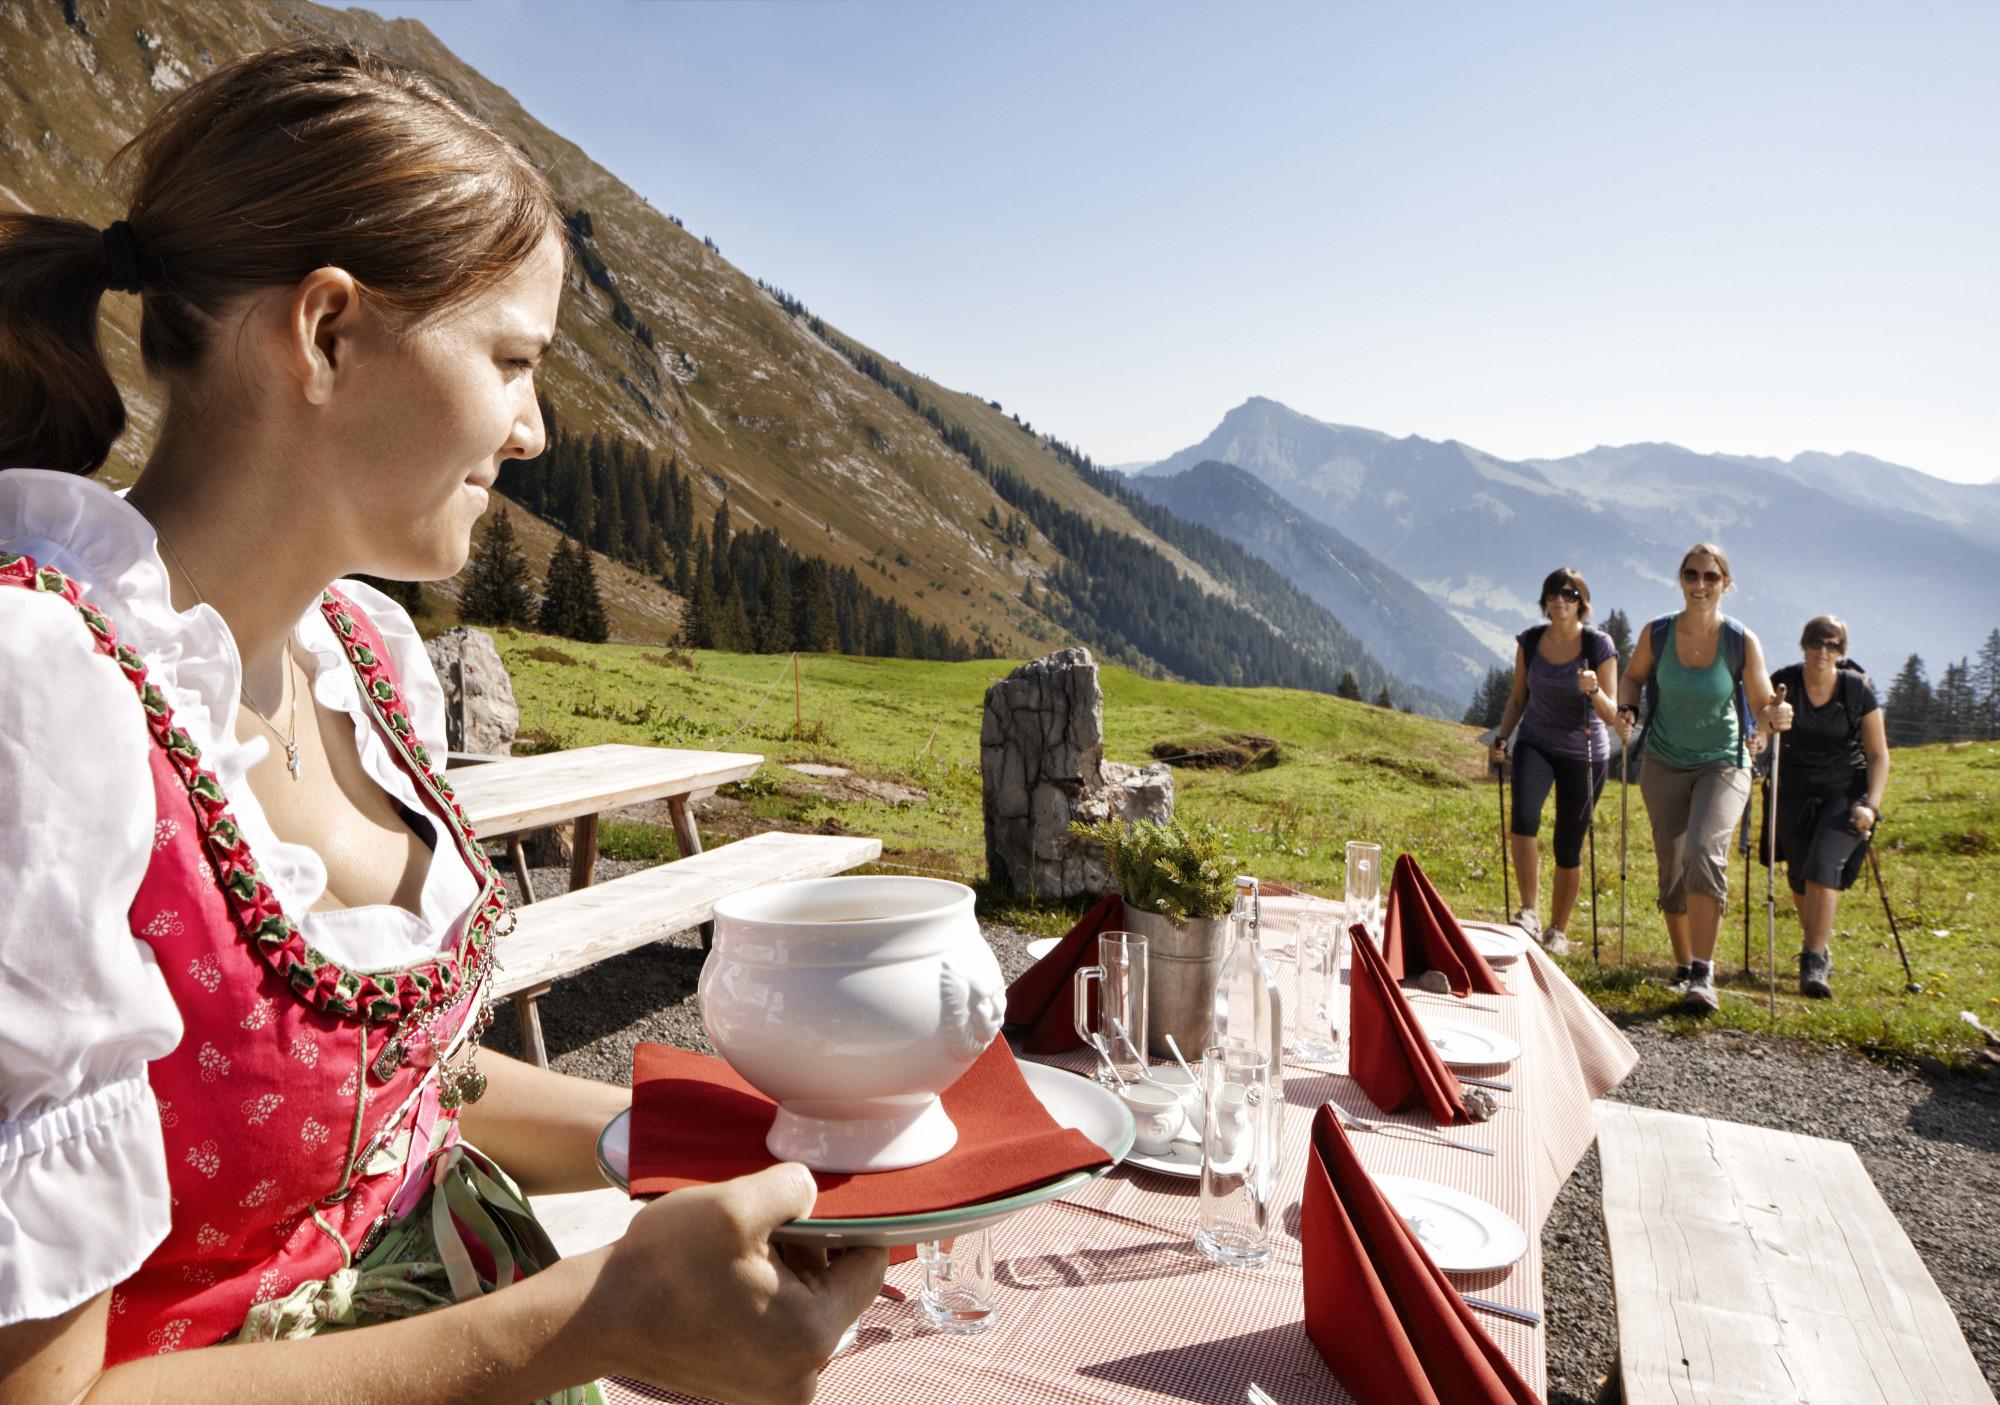 Neben der Kultur verwöhnt die Region auch kulinarisch auf vorzügliche Weise. © Adolf Bereuter/Bregenzerwald Tourismus